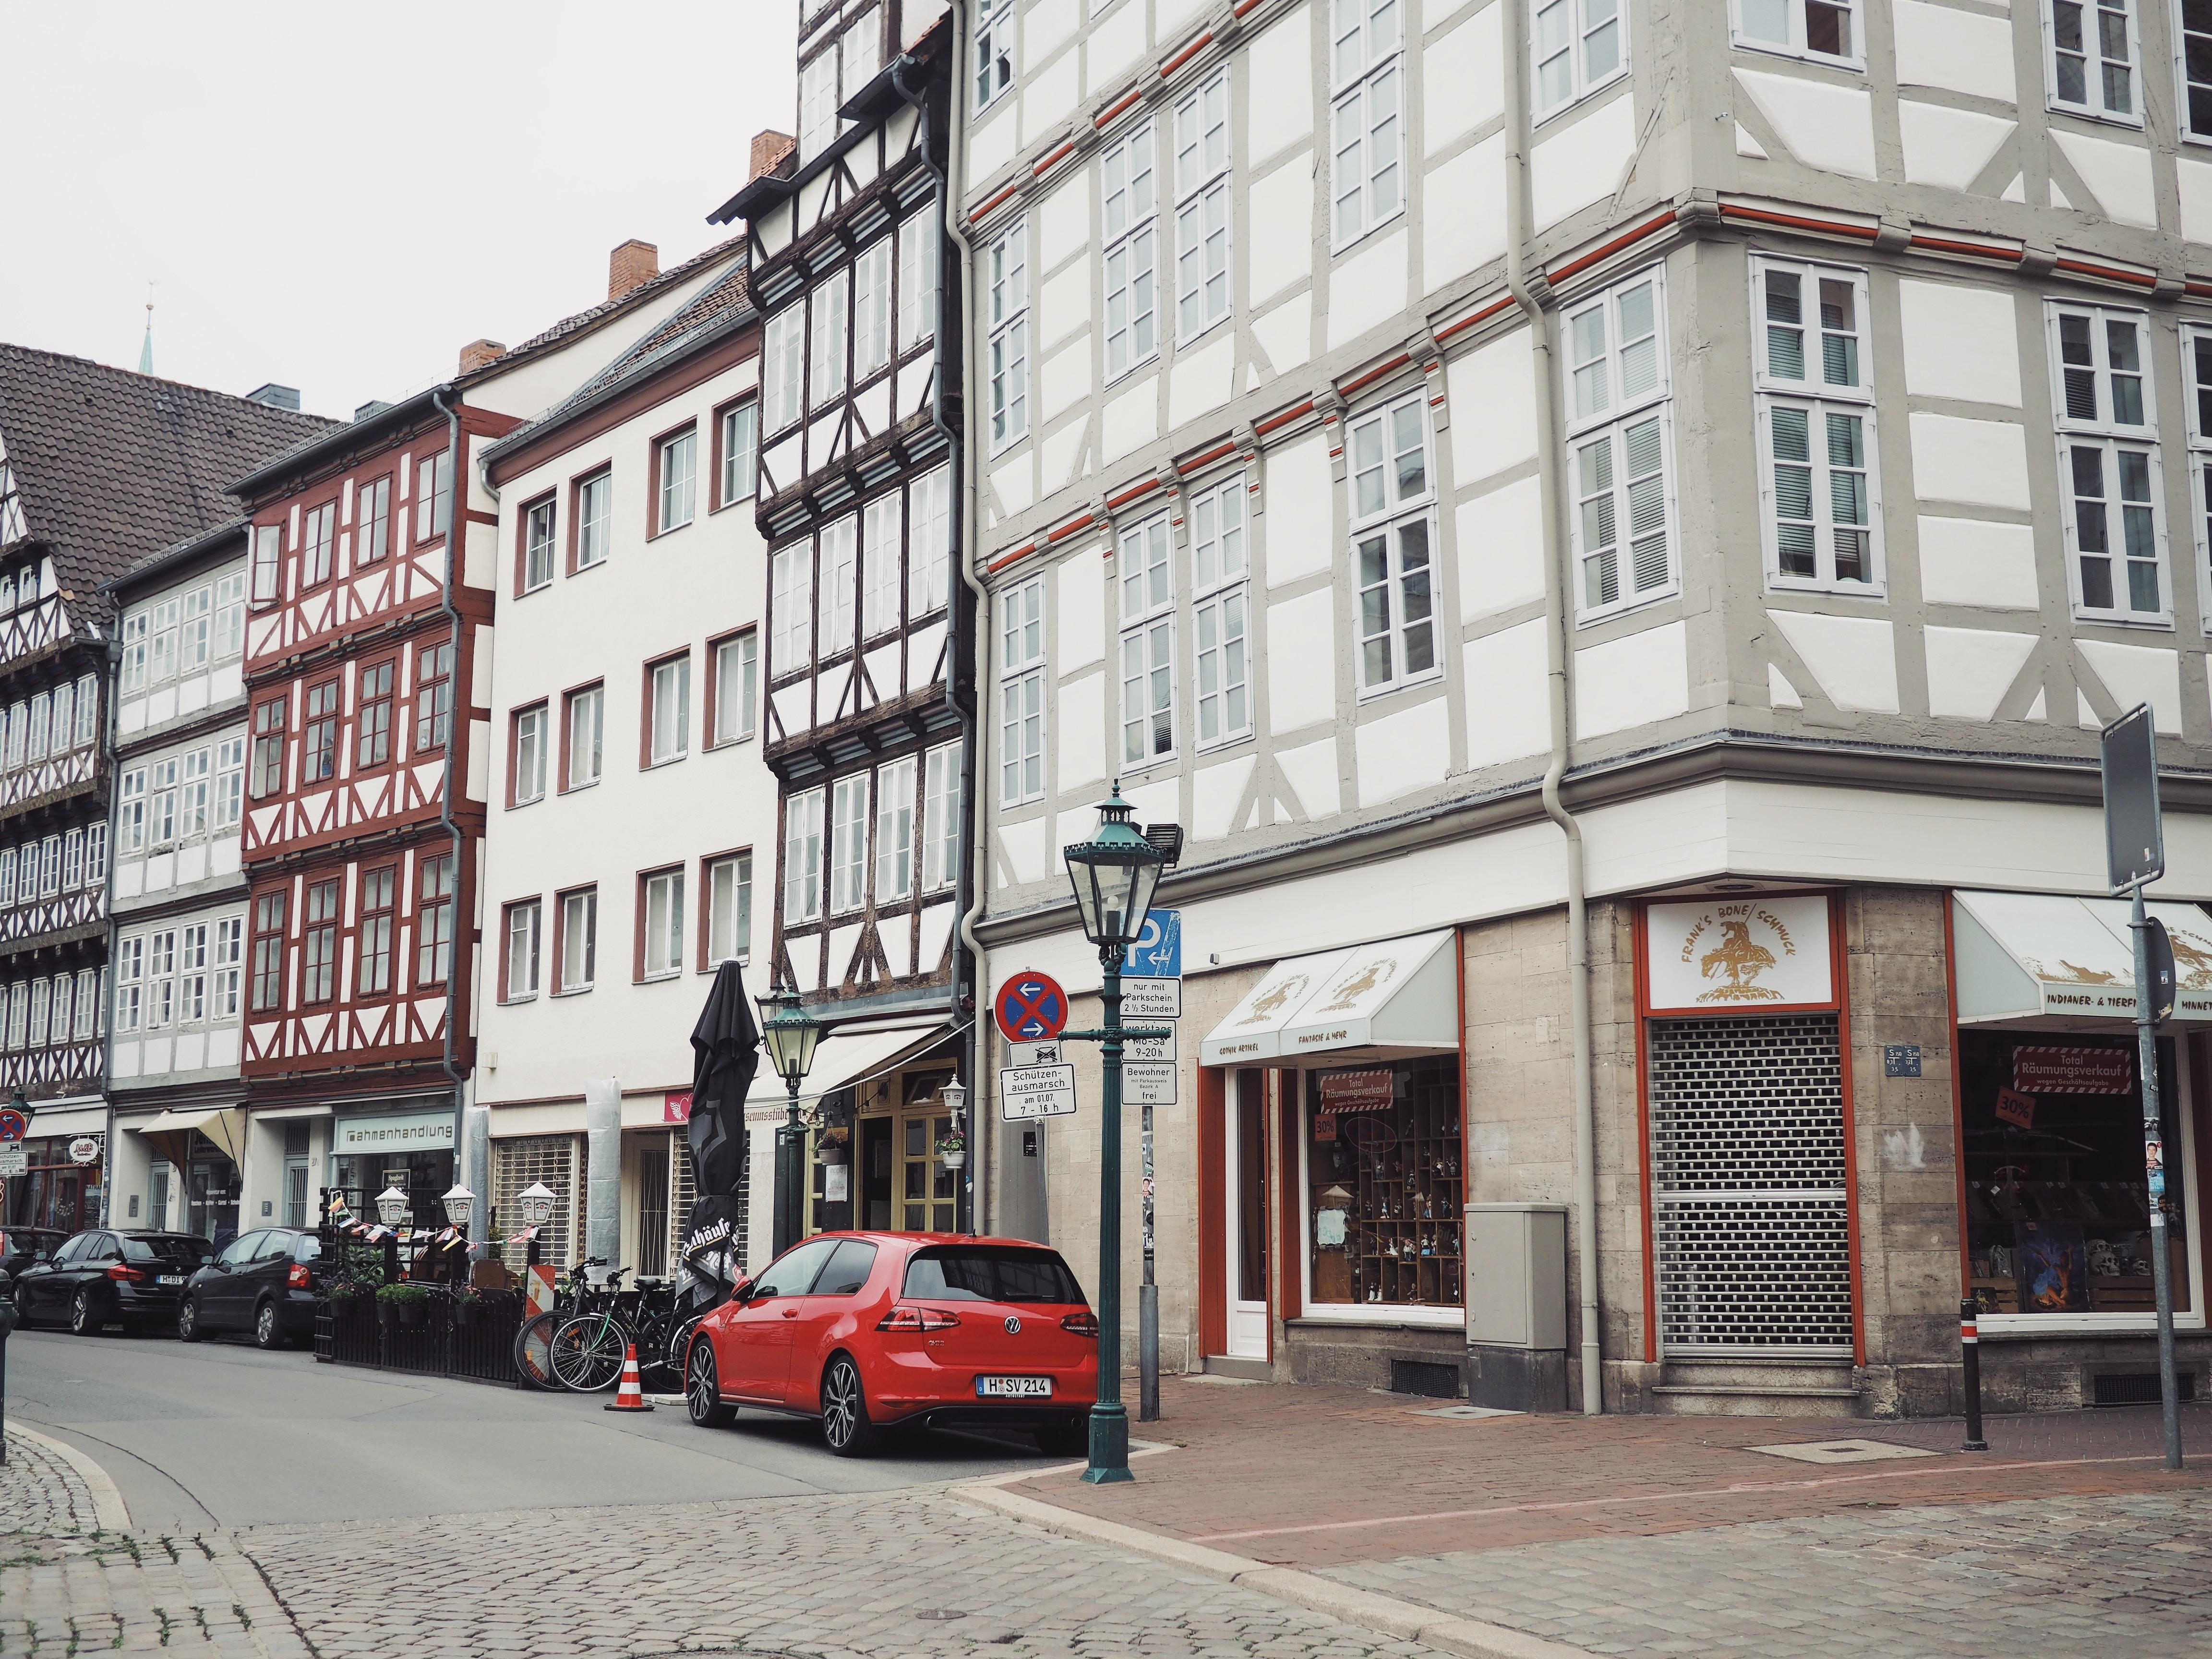 Liste der größten Bauunternehmen in Hannover